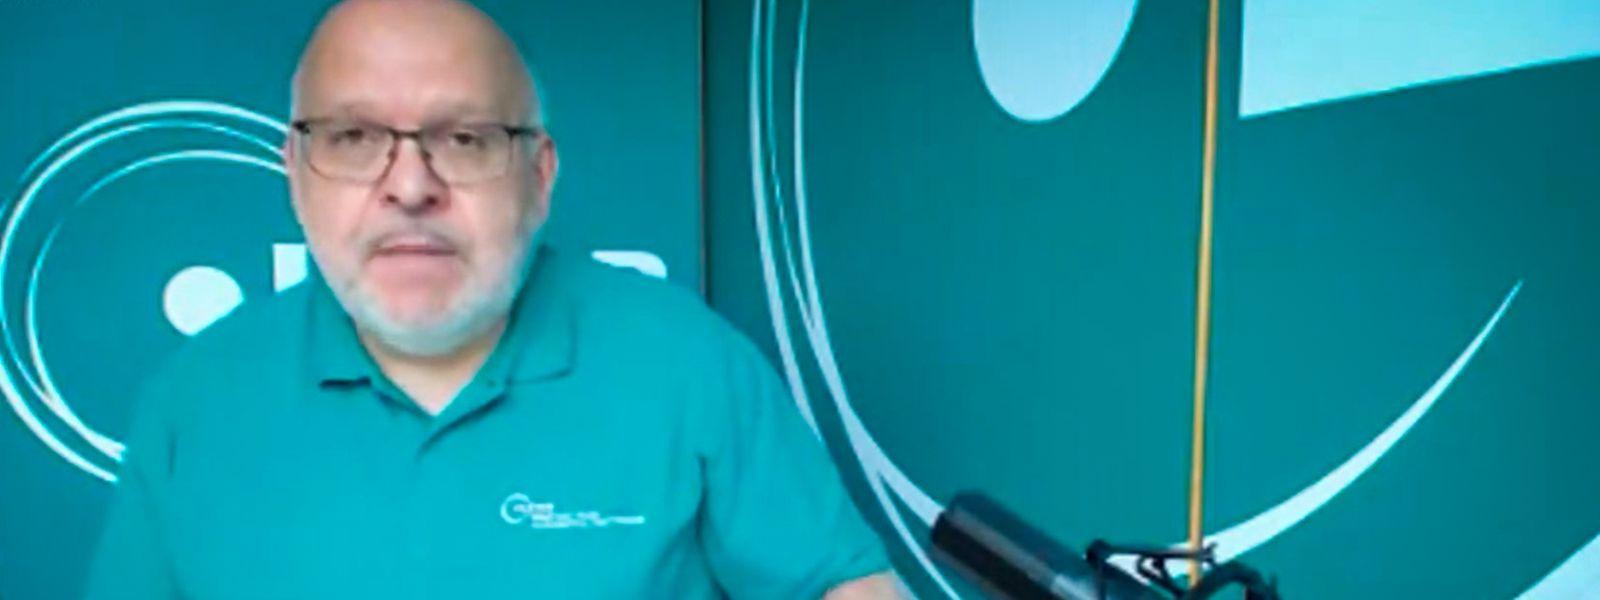 Confinement oblige, c'est en vidéo que Patrick Dury a prononcé vendredi son discours du 1er Mai.